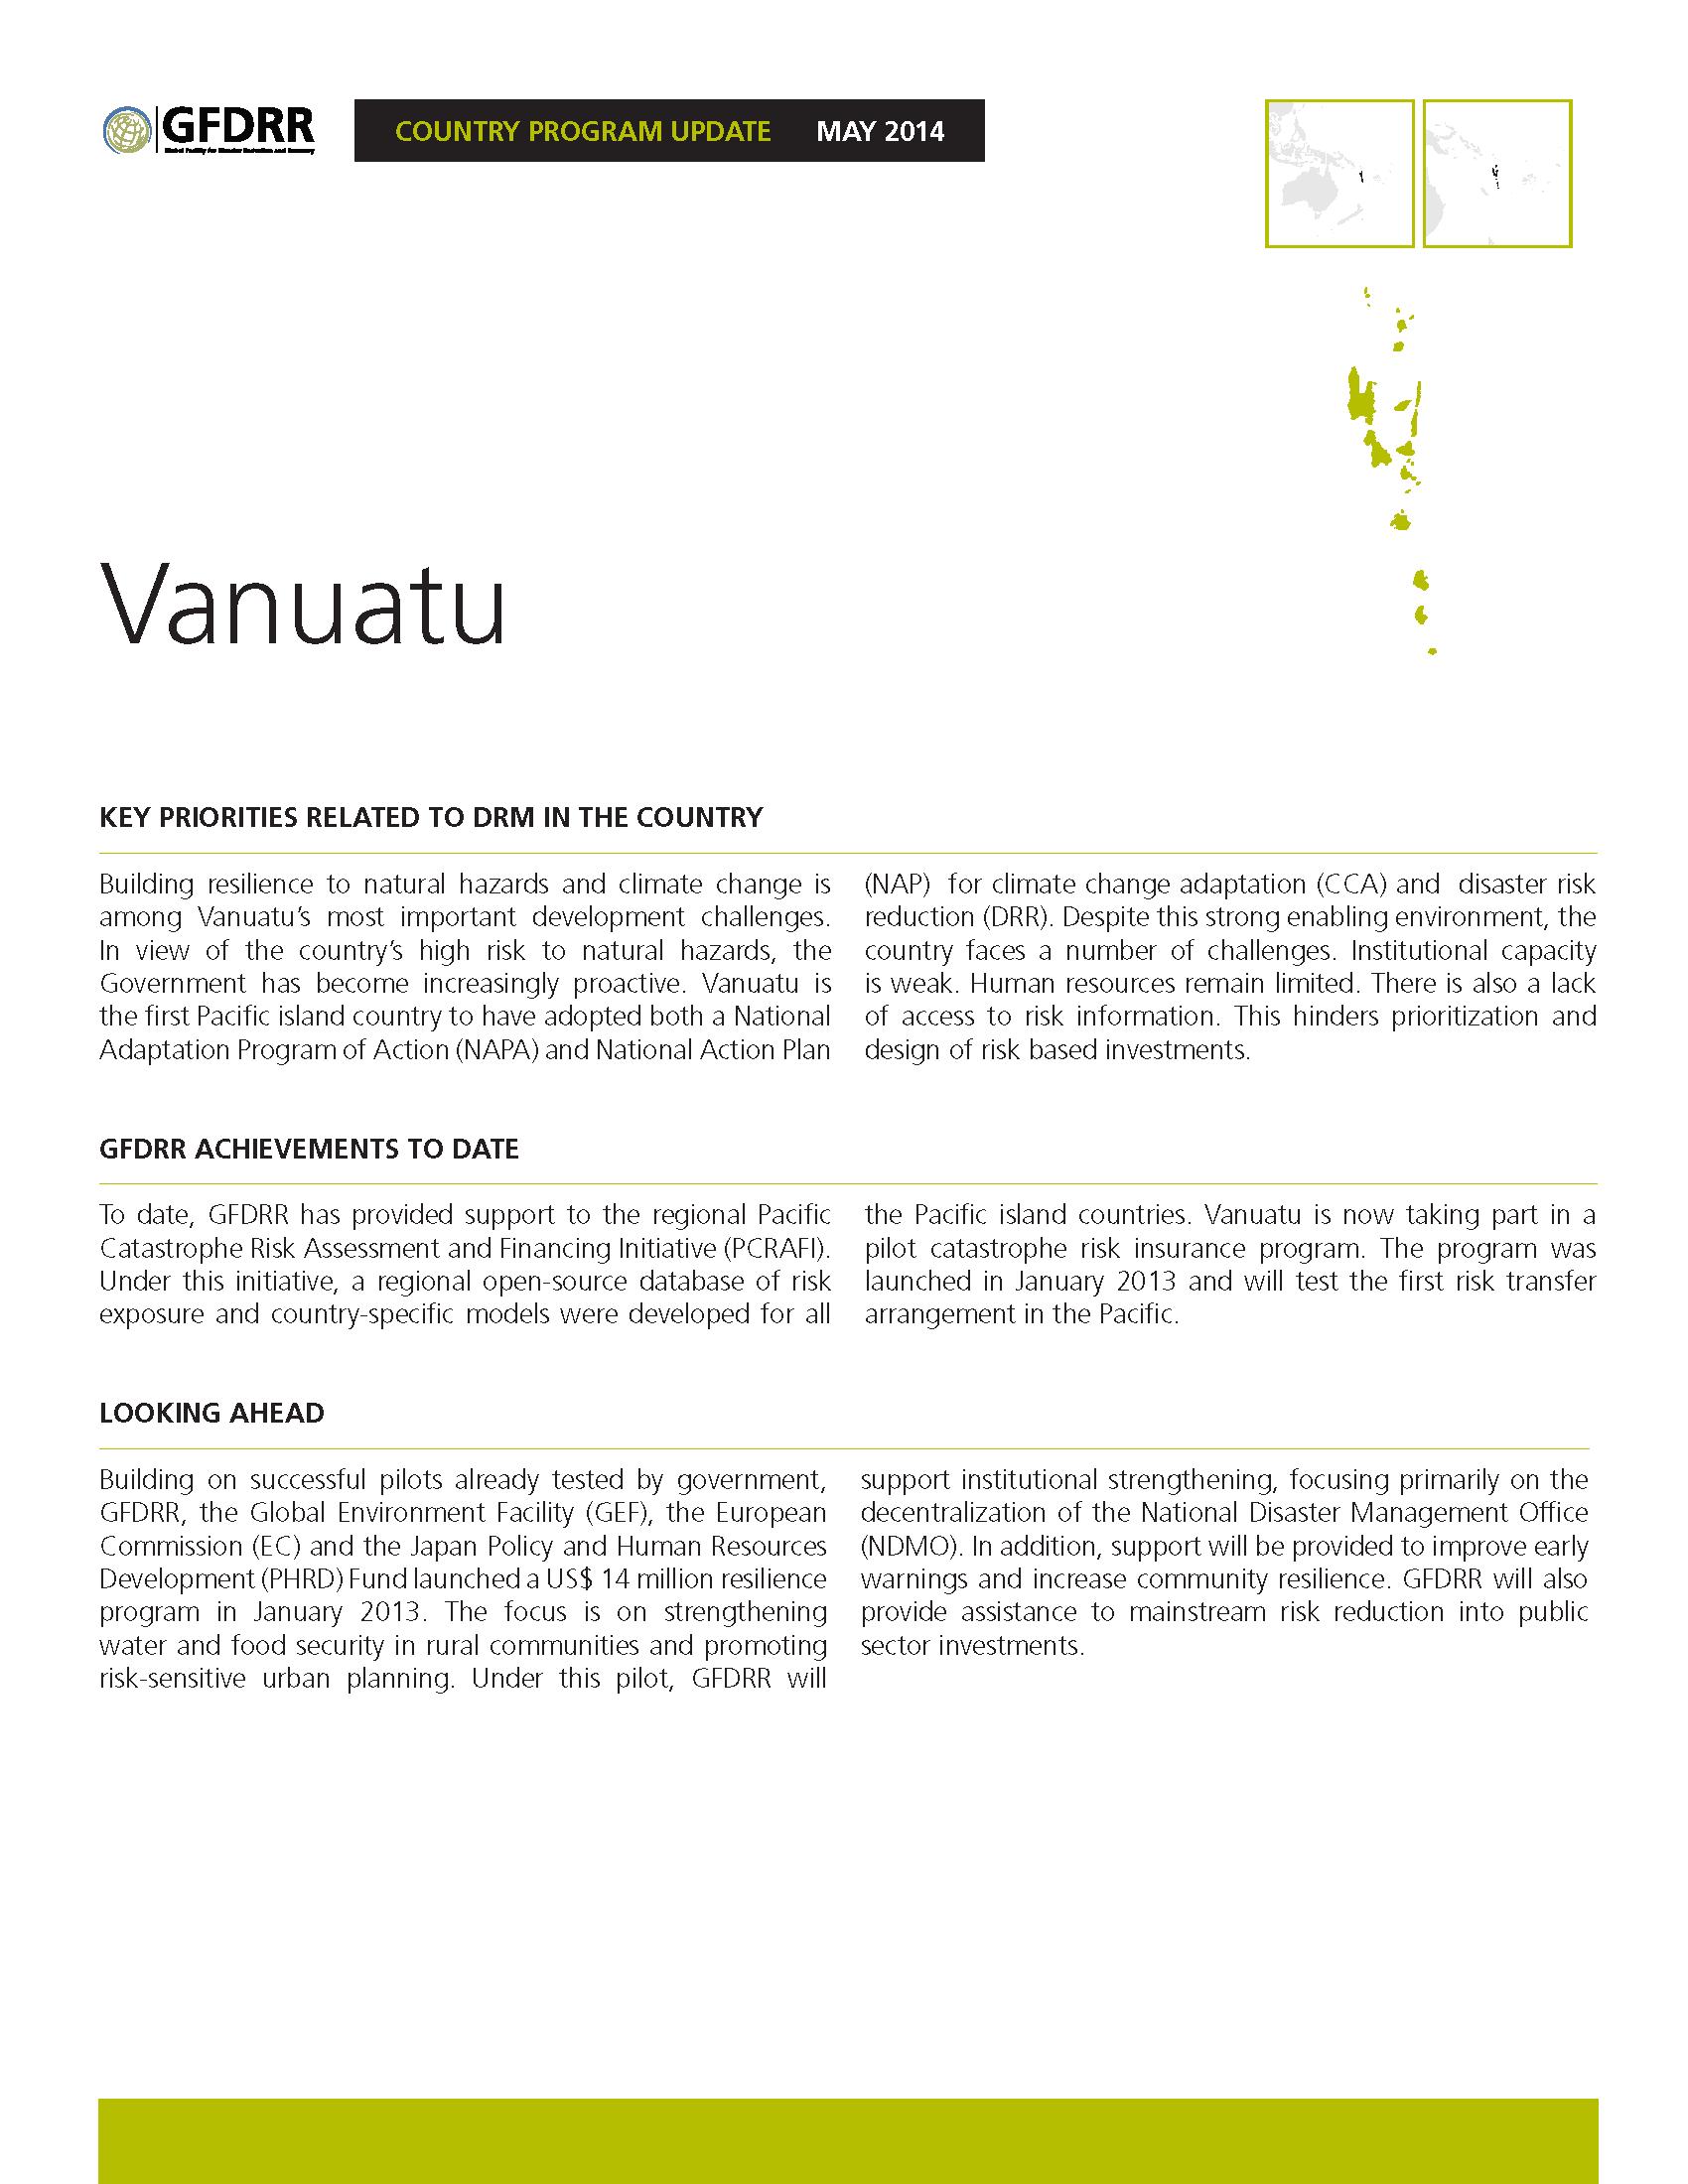 Vanuatu dating sites